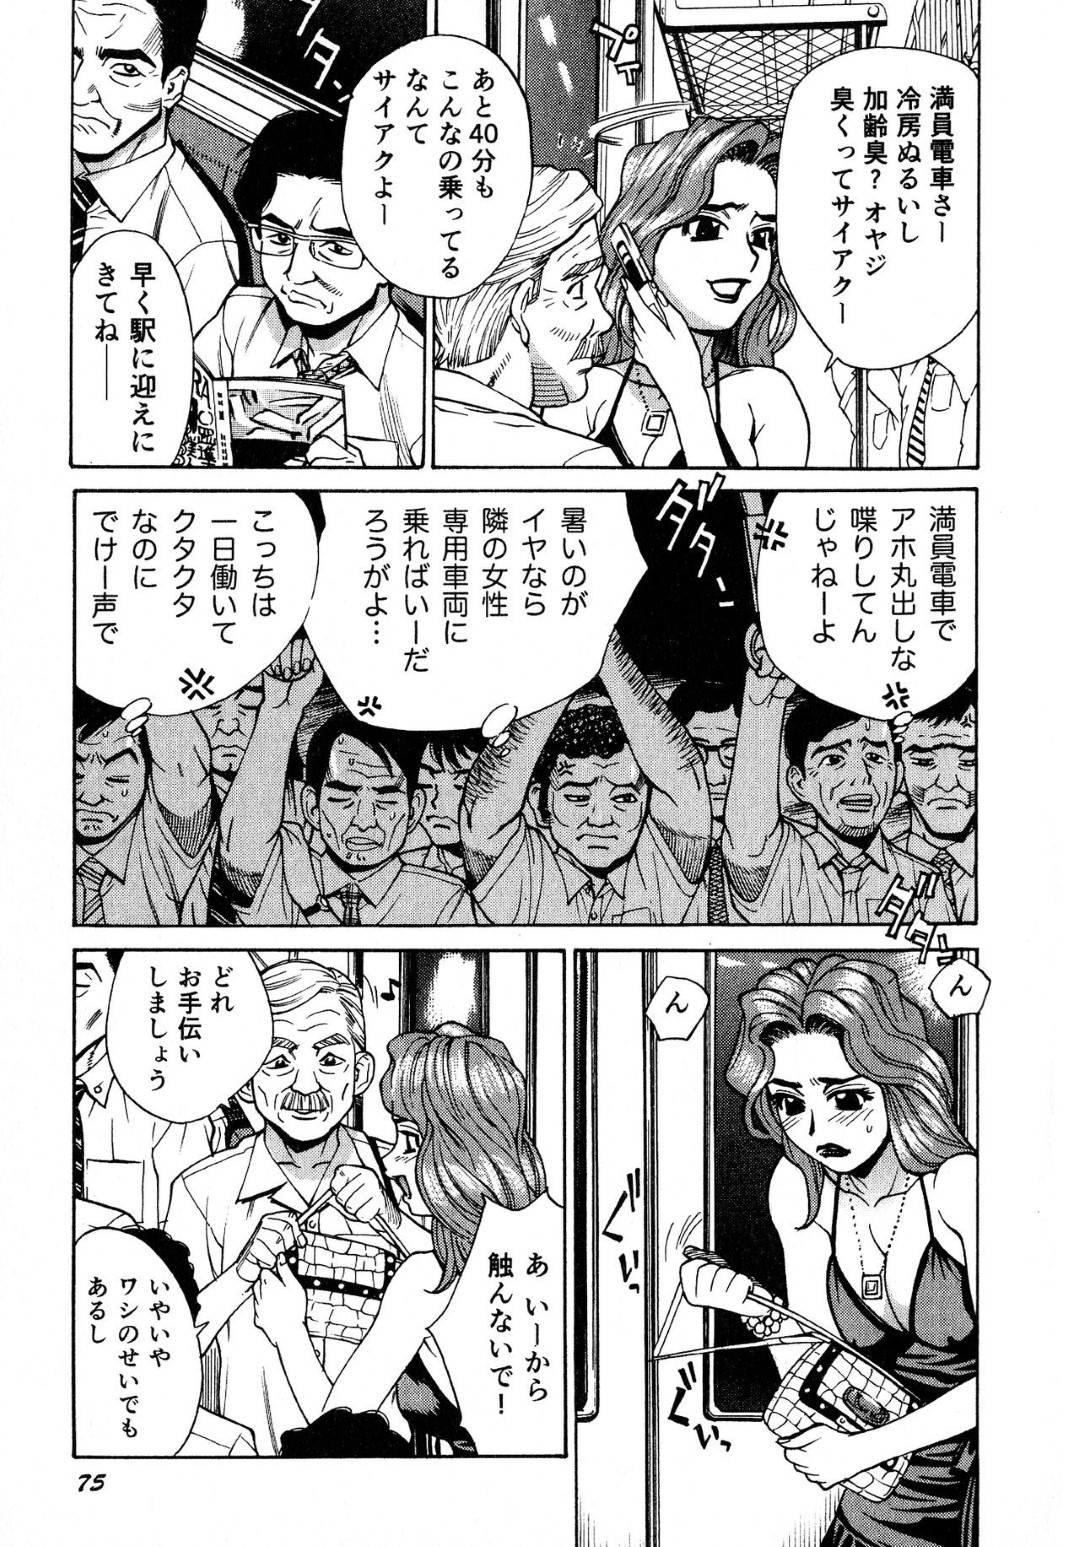 【エロ漫画】電車で怒りを買った男たちに襲われてしまった生意気お姉さん…囲まれた彼女は抵抗する事ができず、されるがままに集団レイプを受ける!【牧部かたる:密室電車~一般車両~】